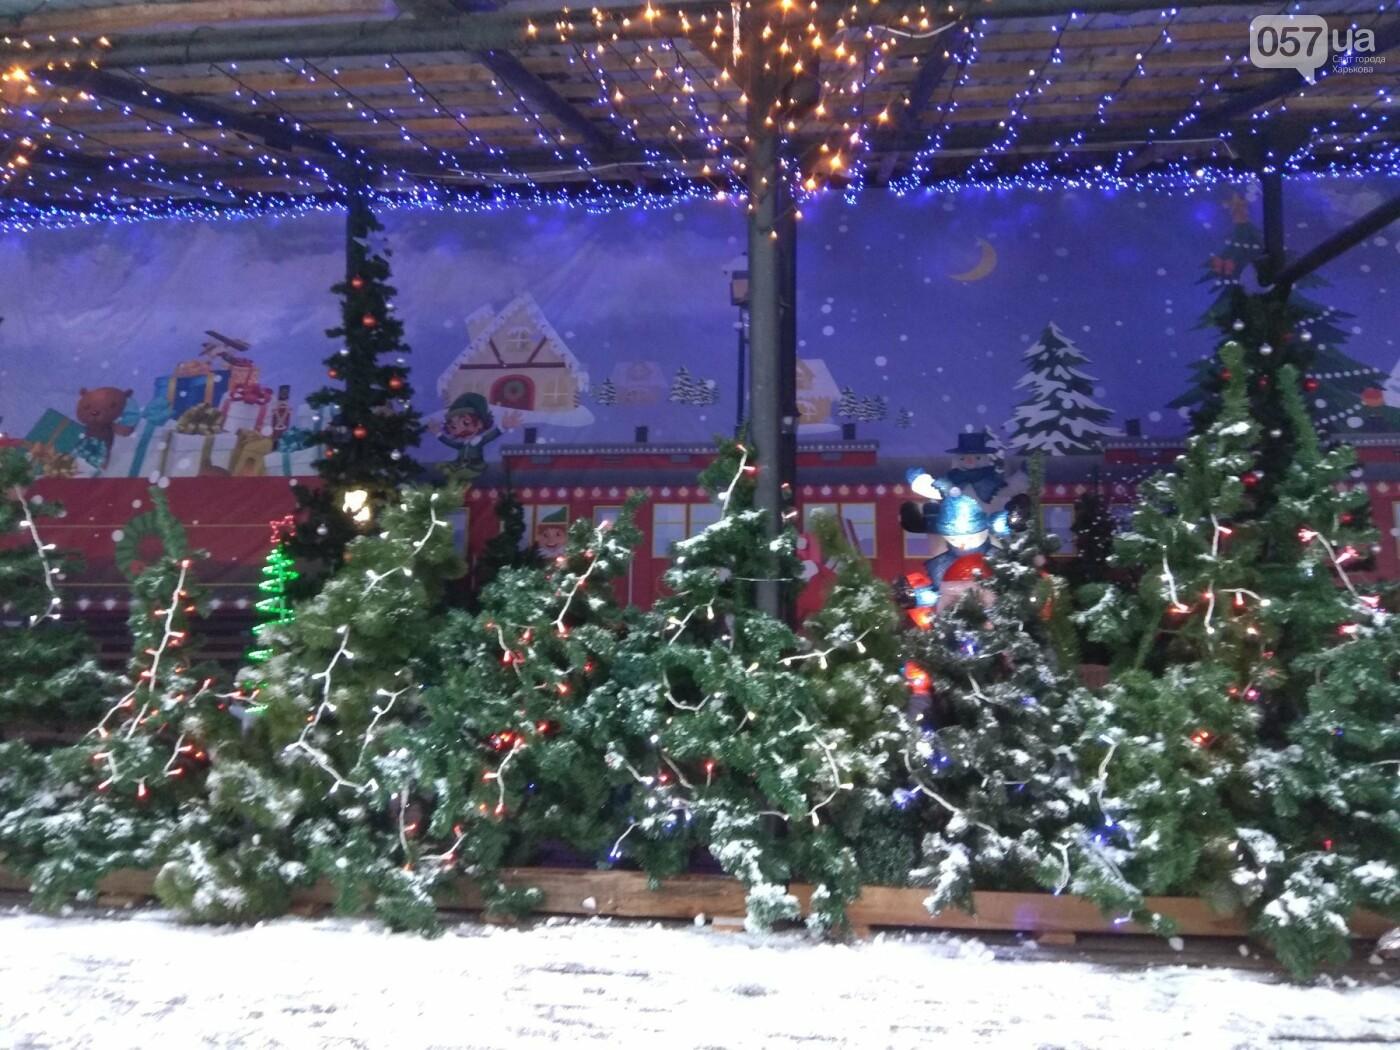 Фабрика елочных игрушек под Киевом. Куда харьковчане могут поехать на выходных, - ФОТО, фото-38